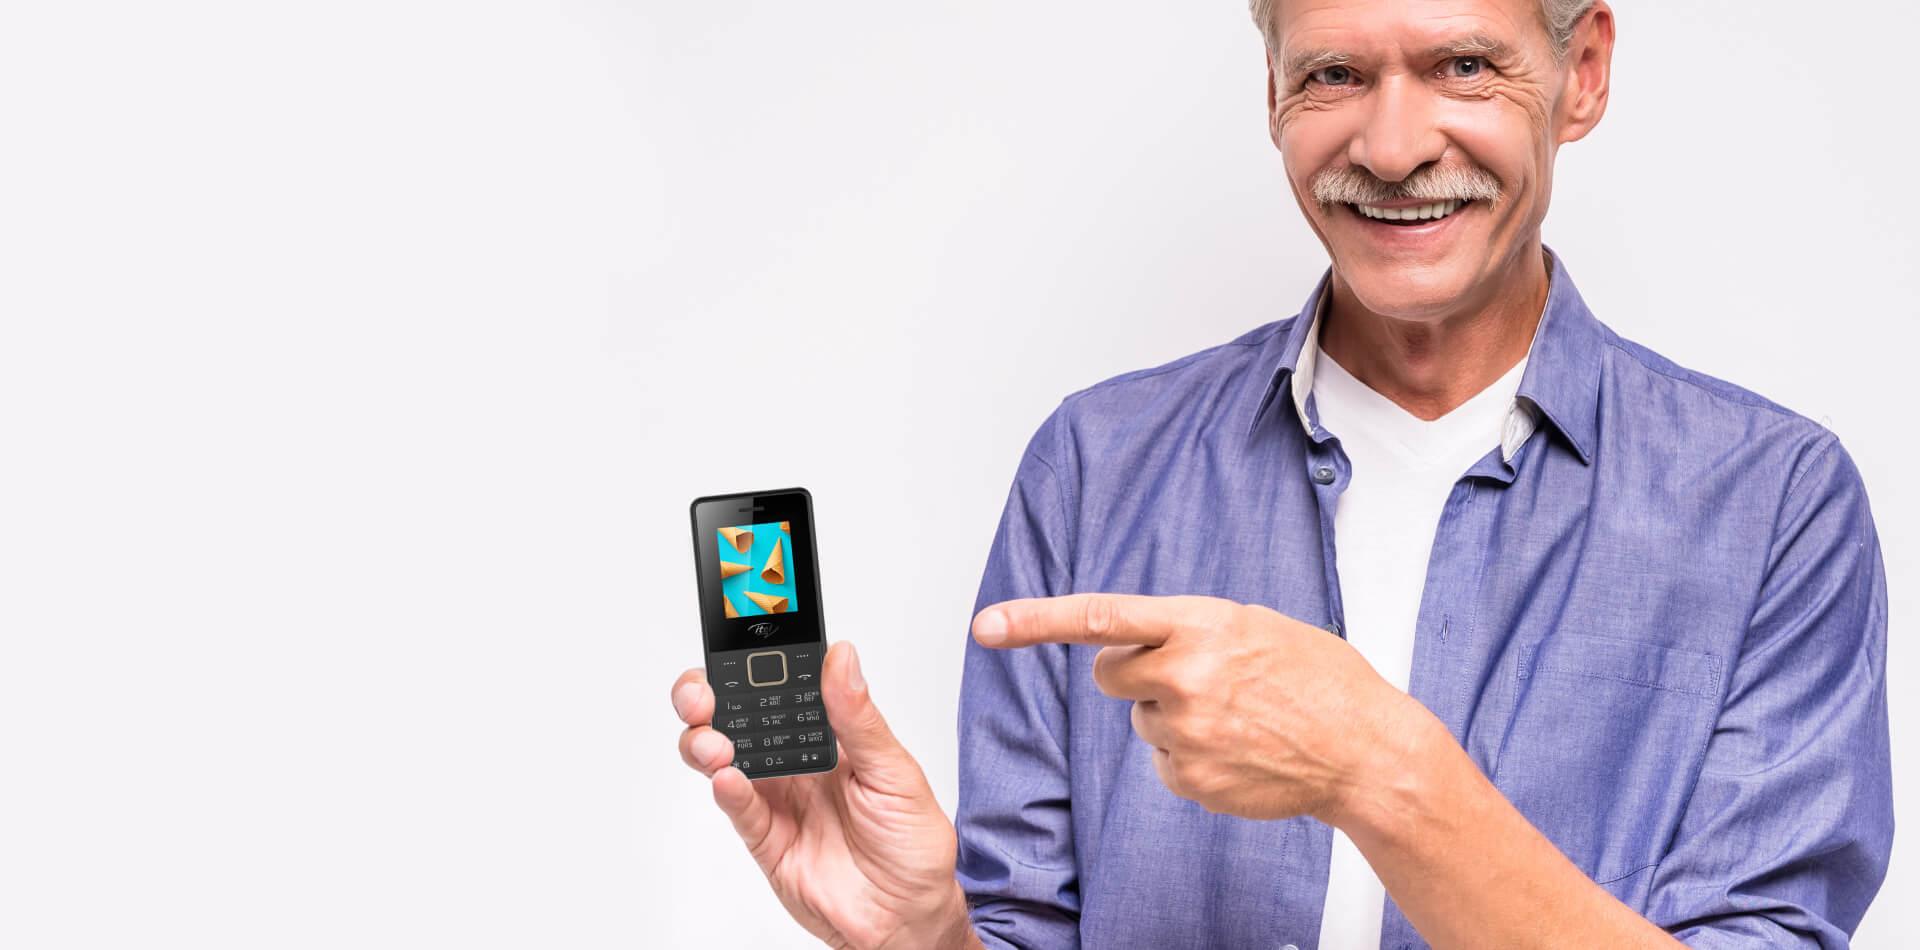 Мобильный телефон IT 2160